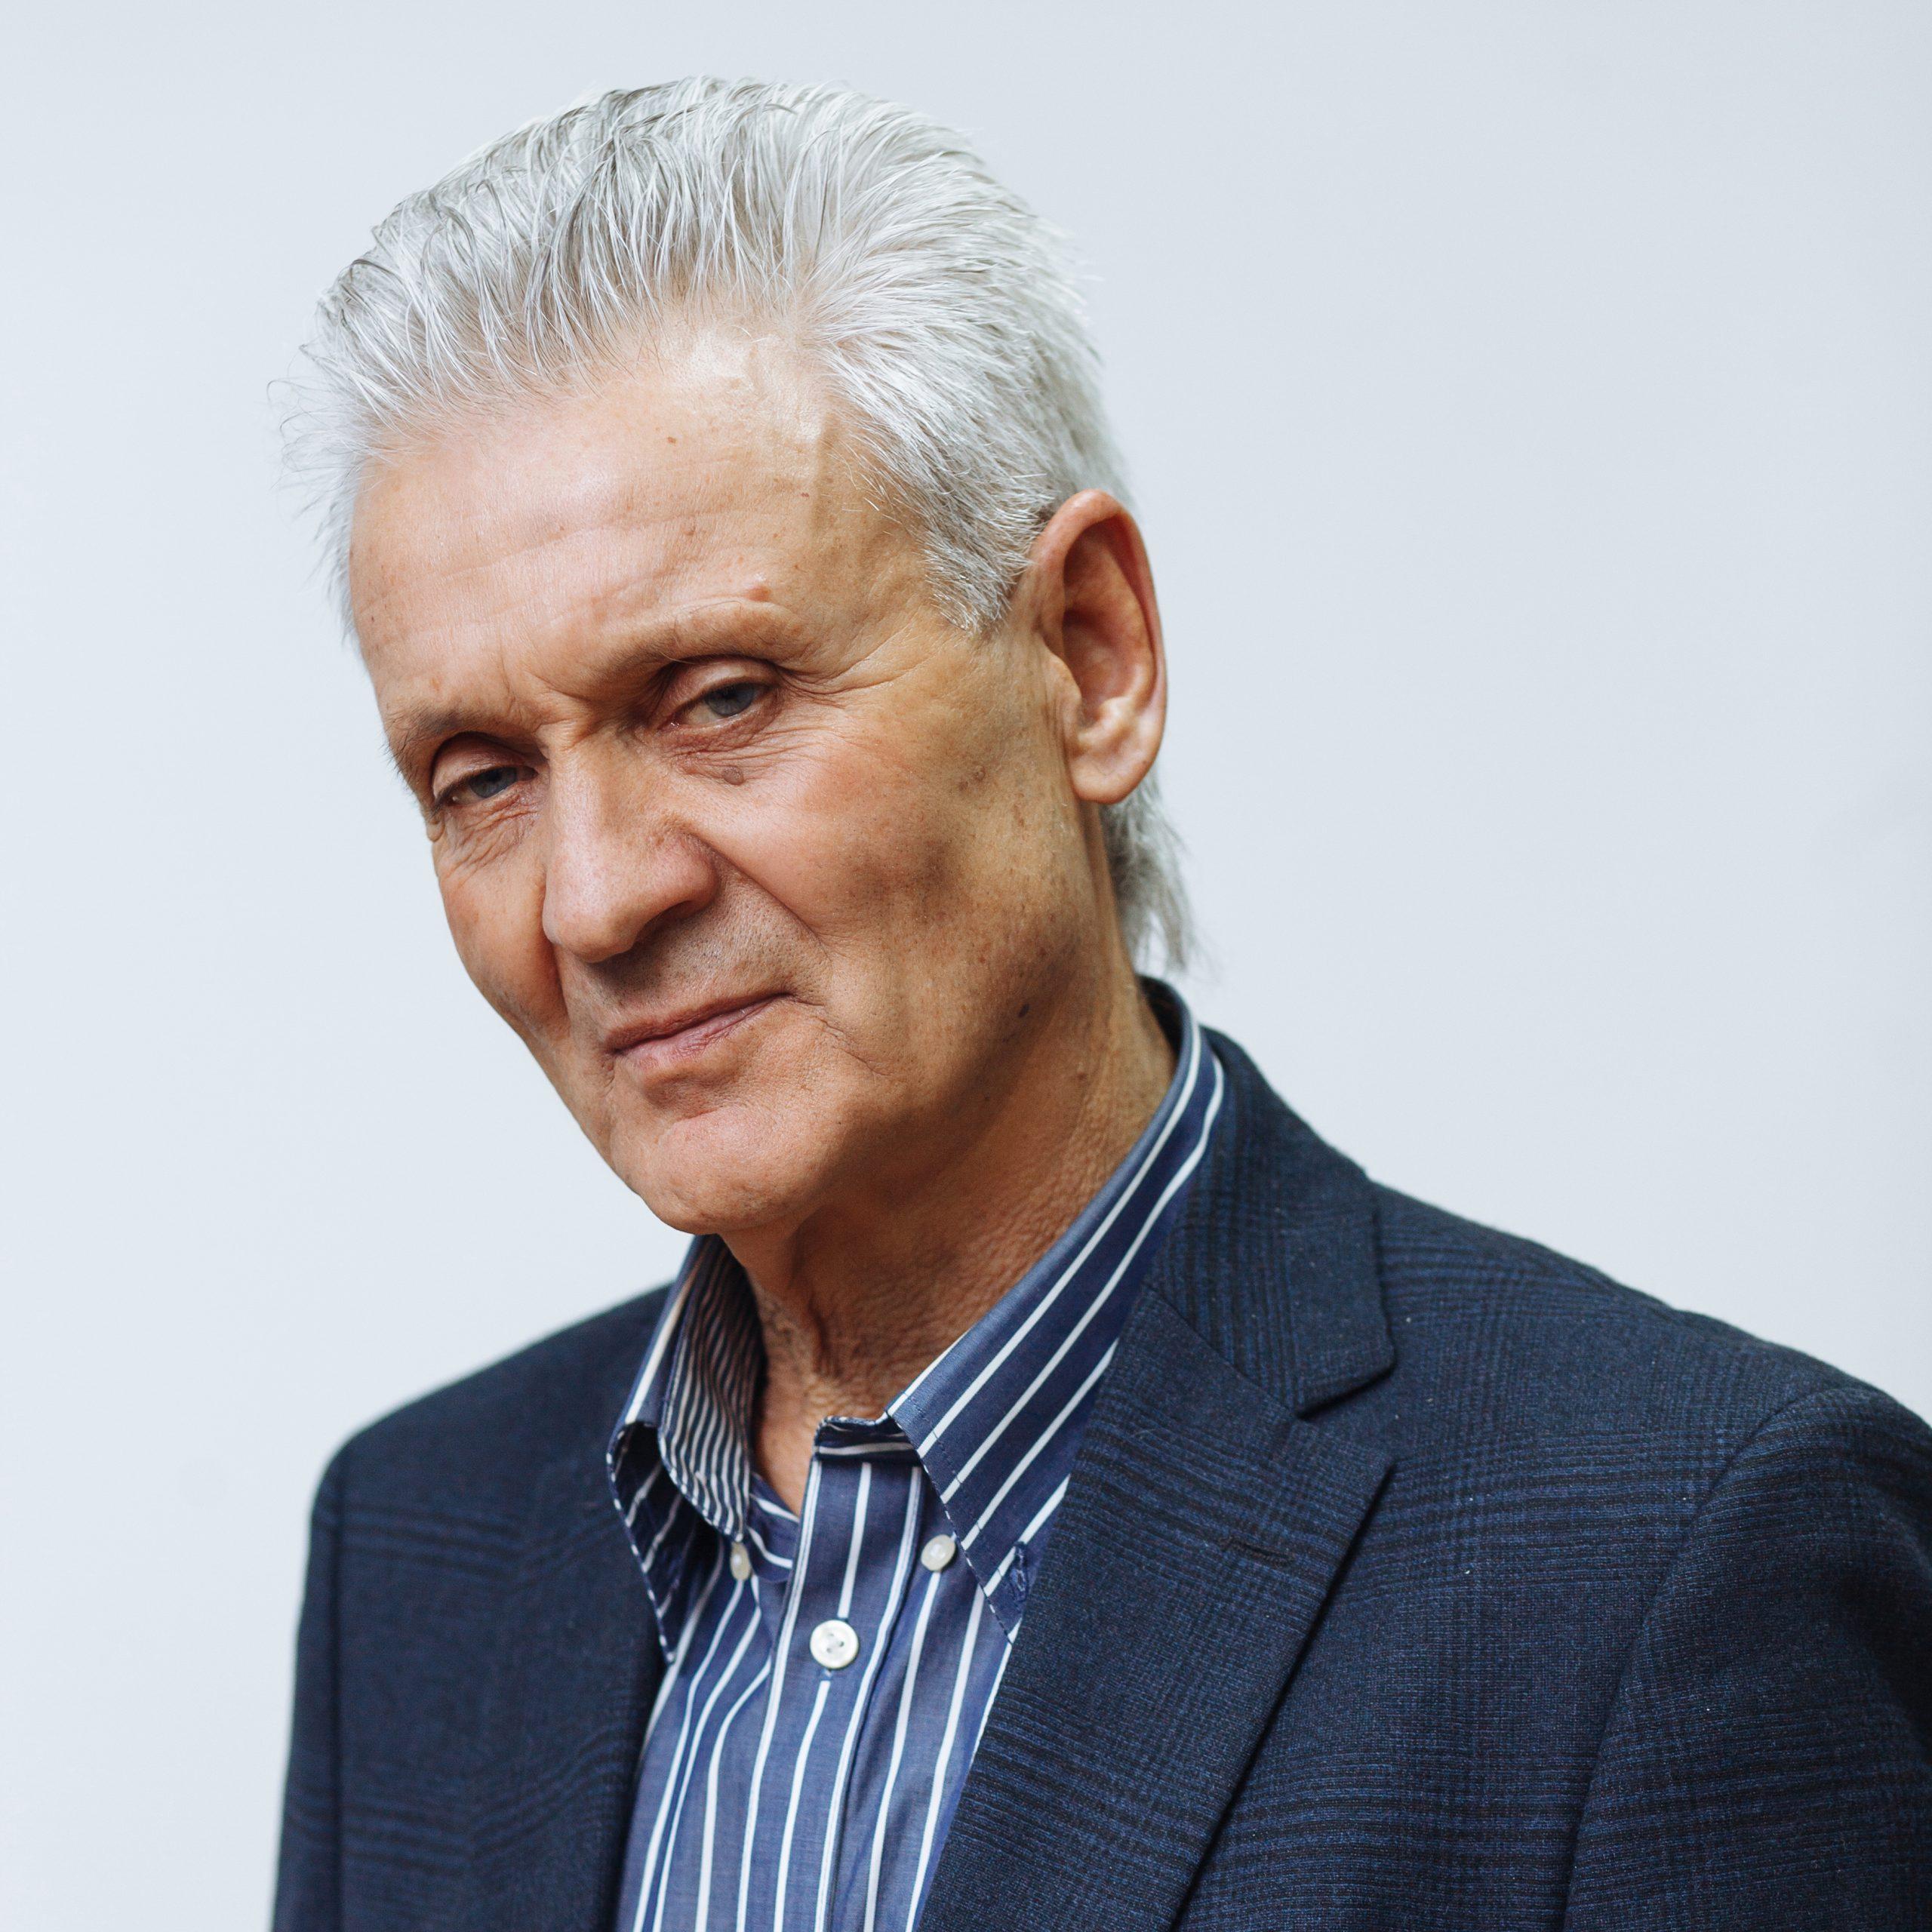 Anatoly Strizhak